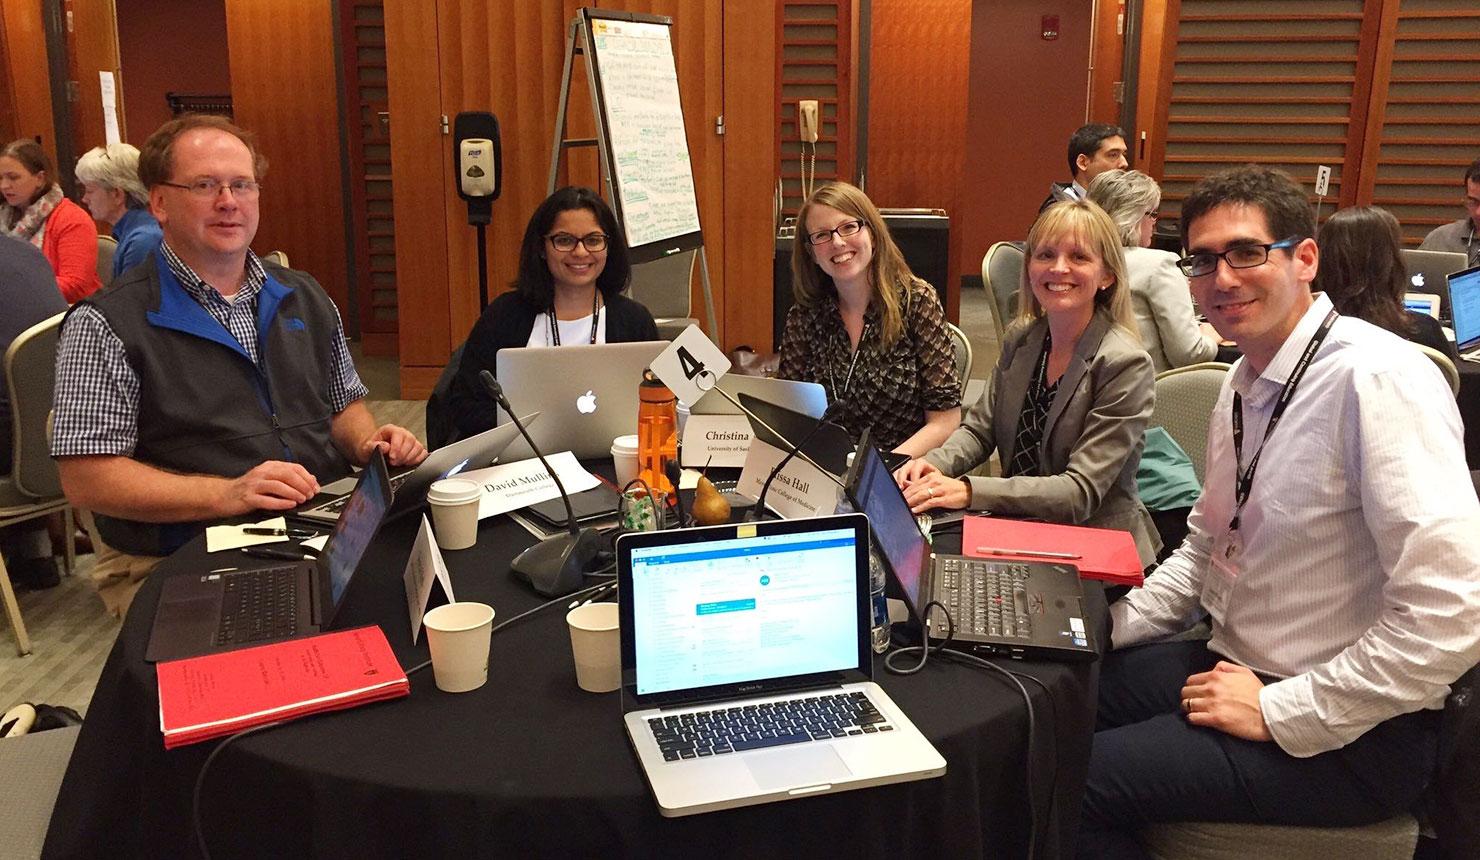 Left to right: David Mullins, PhD (Geisel); Monica Sheth, MD; Christina Ames, MD; Elissa Hall, EdD; Justin Mowchun, MD (Geisel).